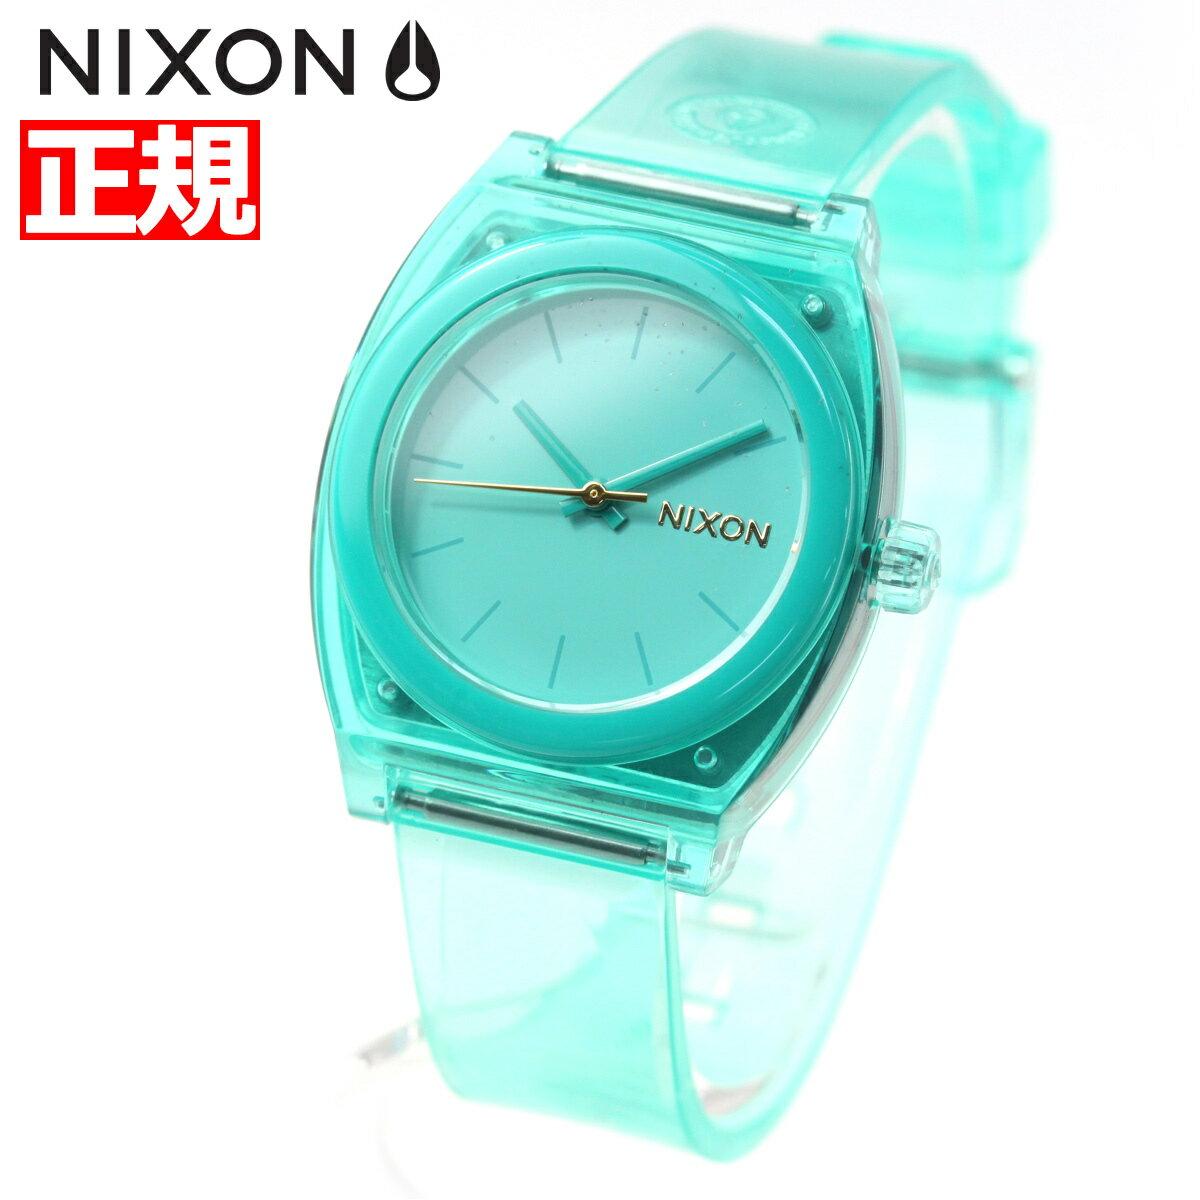 ニクソン NIXON ミディアム タイムテラーP MEDIUM TIME TELLER P 腕時計 レディース ターコイズ NA1215309-00【2018 新作】